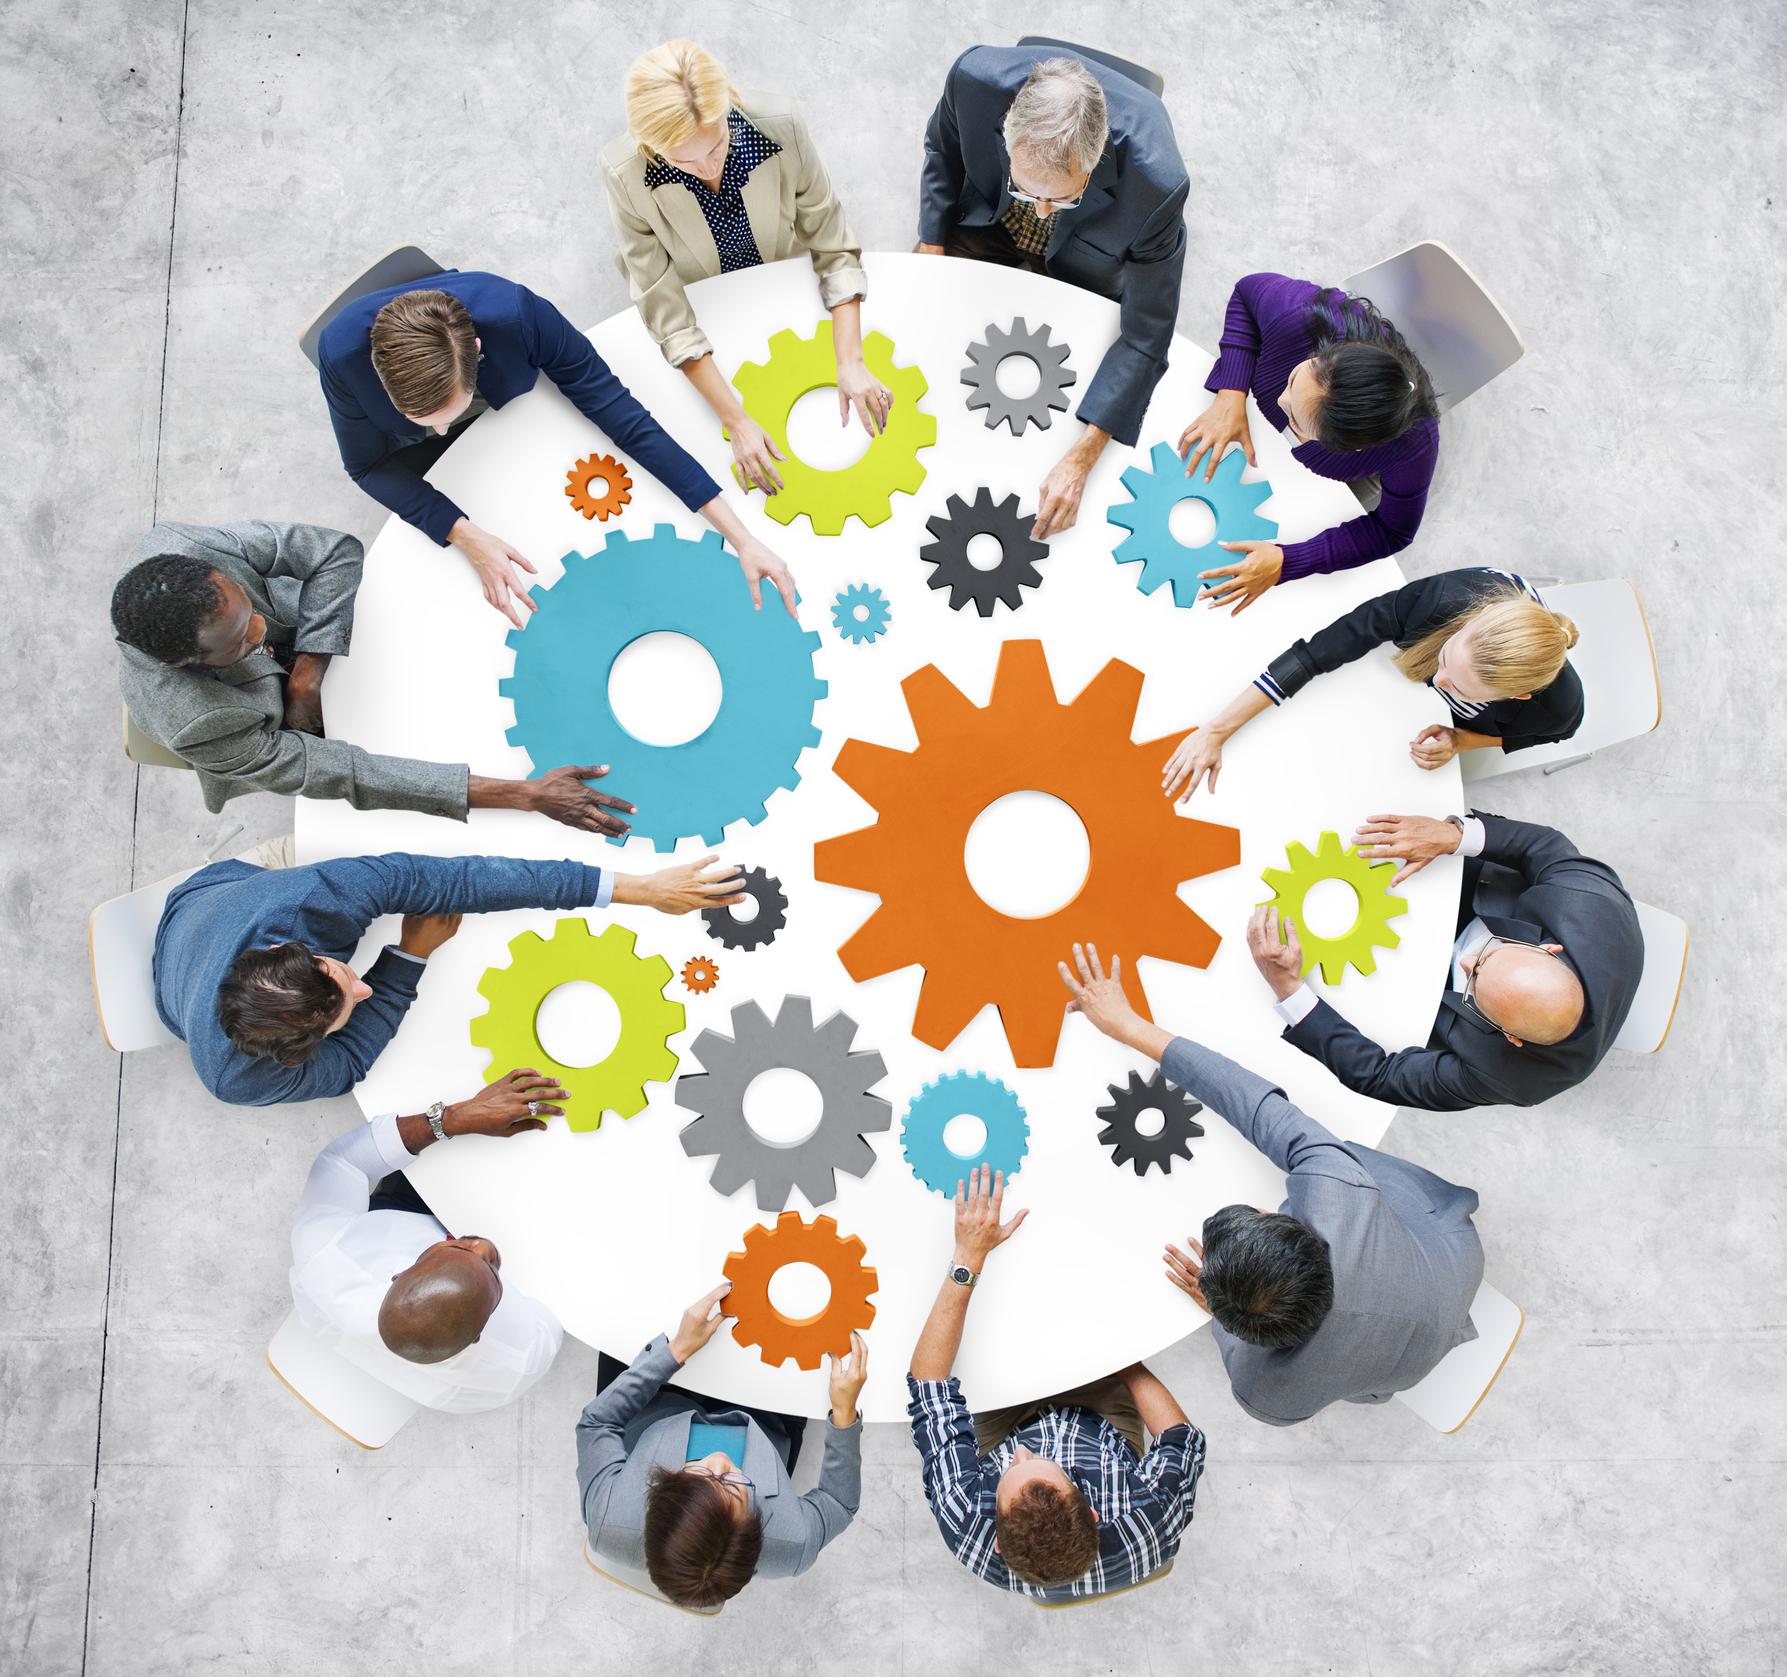 gente-de-negocios-con-engranajes-y-el-concepto-de-trabajo-en-equipojpg